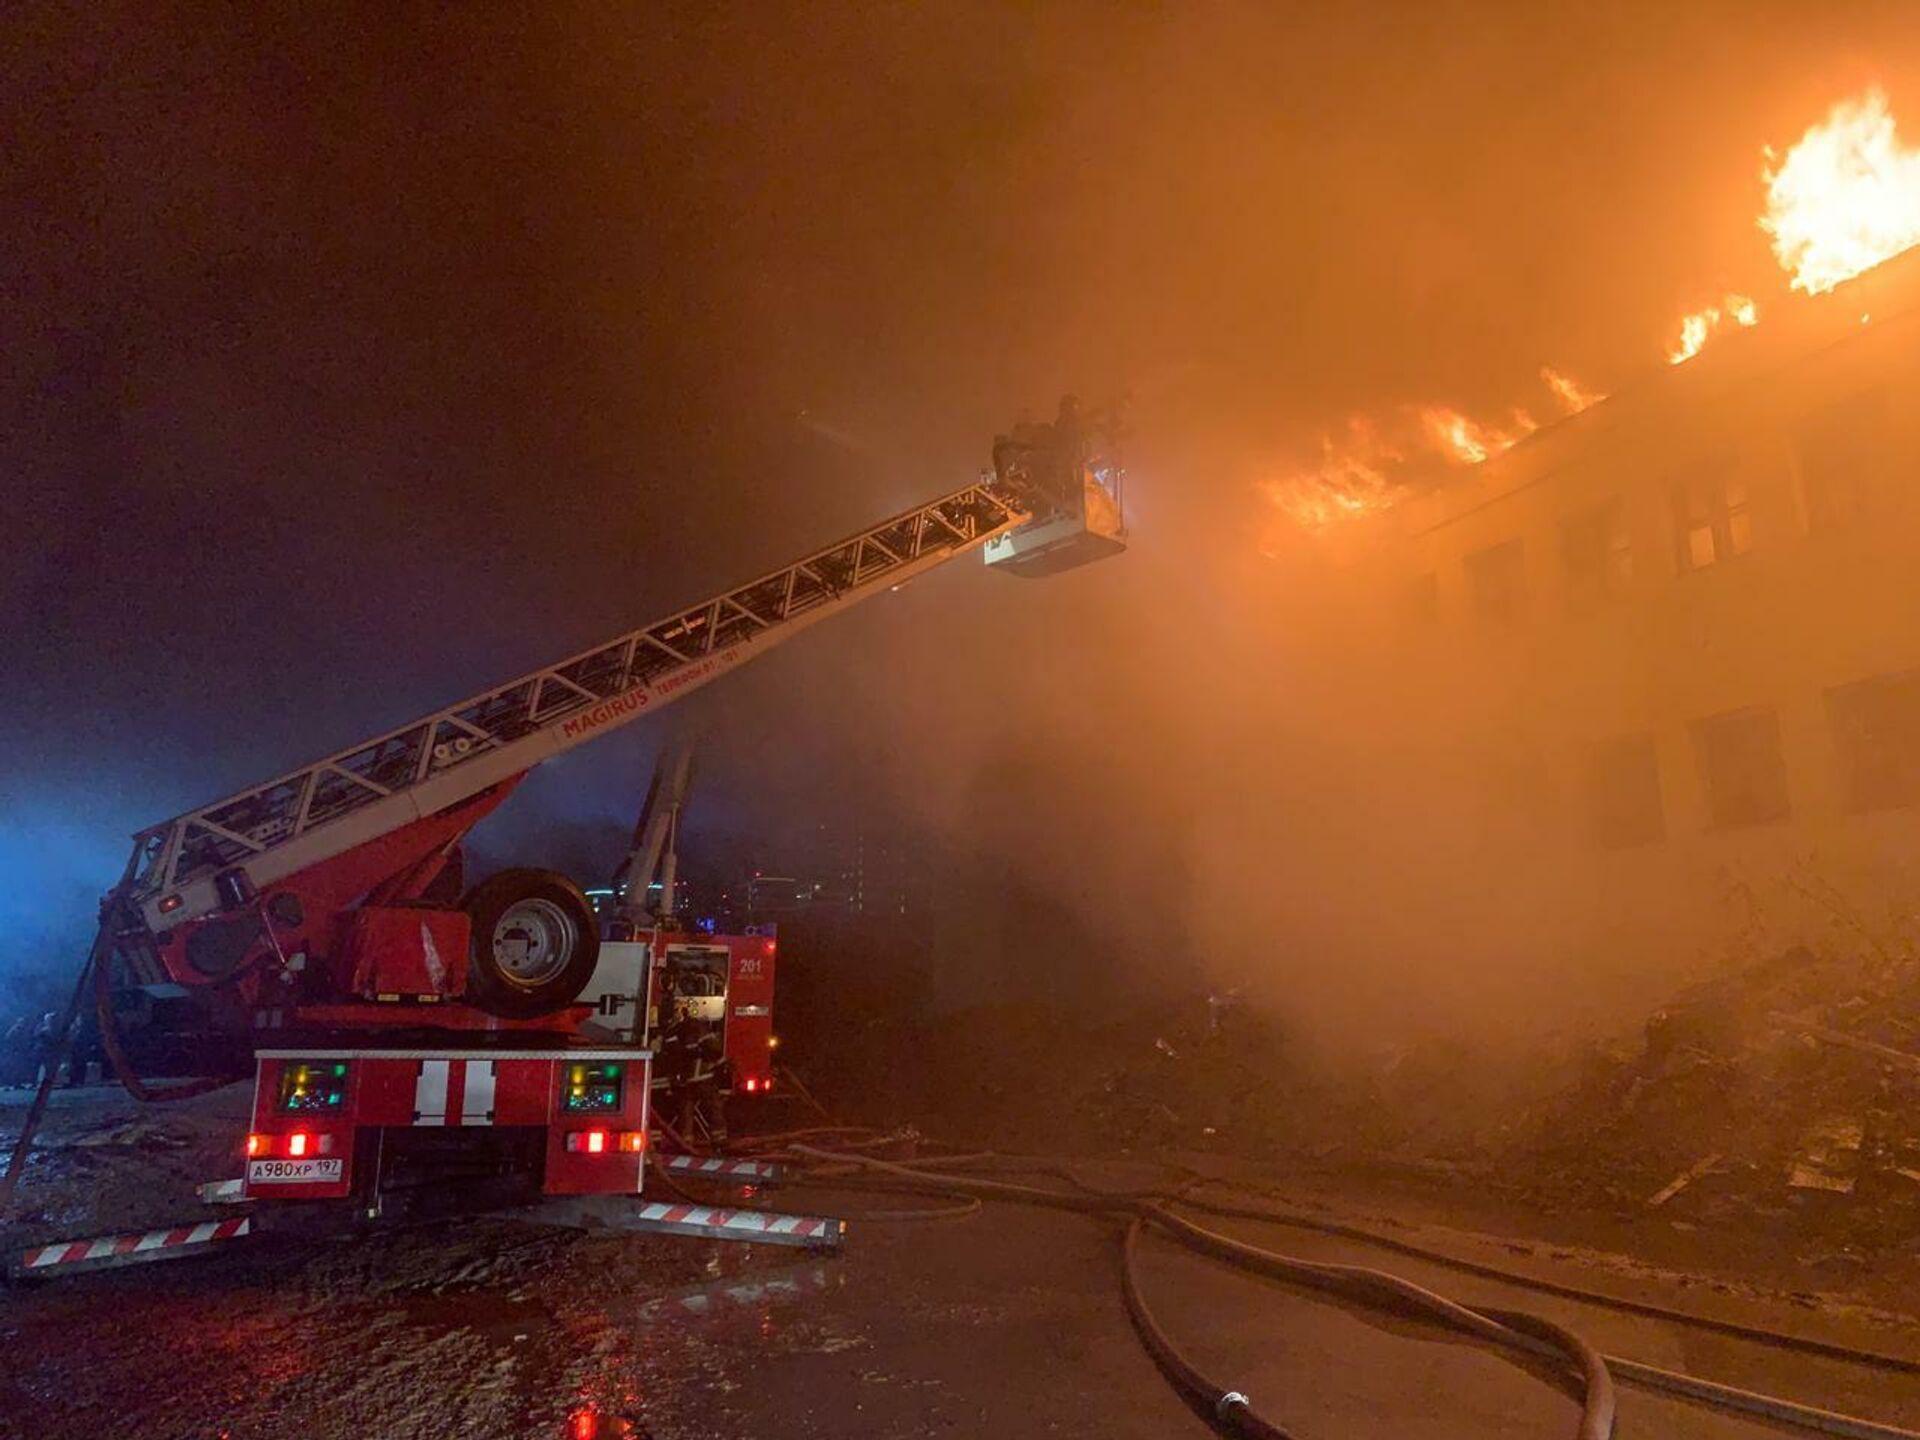 Возгорание произошло в трехэтажном здании на бывшей территории завода Серп и молот в Москве - ПРОФИ Новости, 1920, 26.10.2020